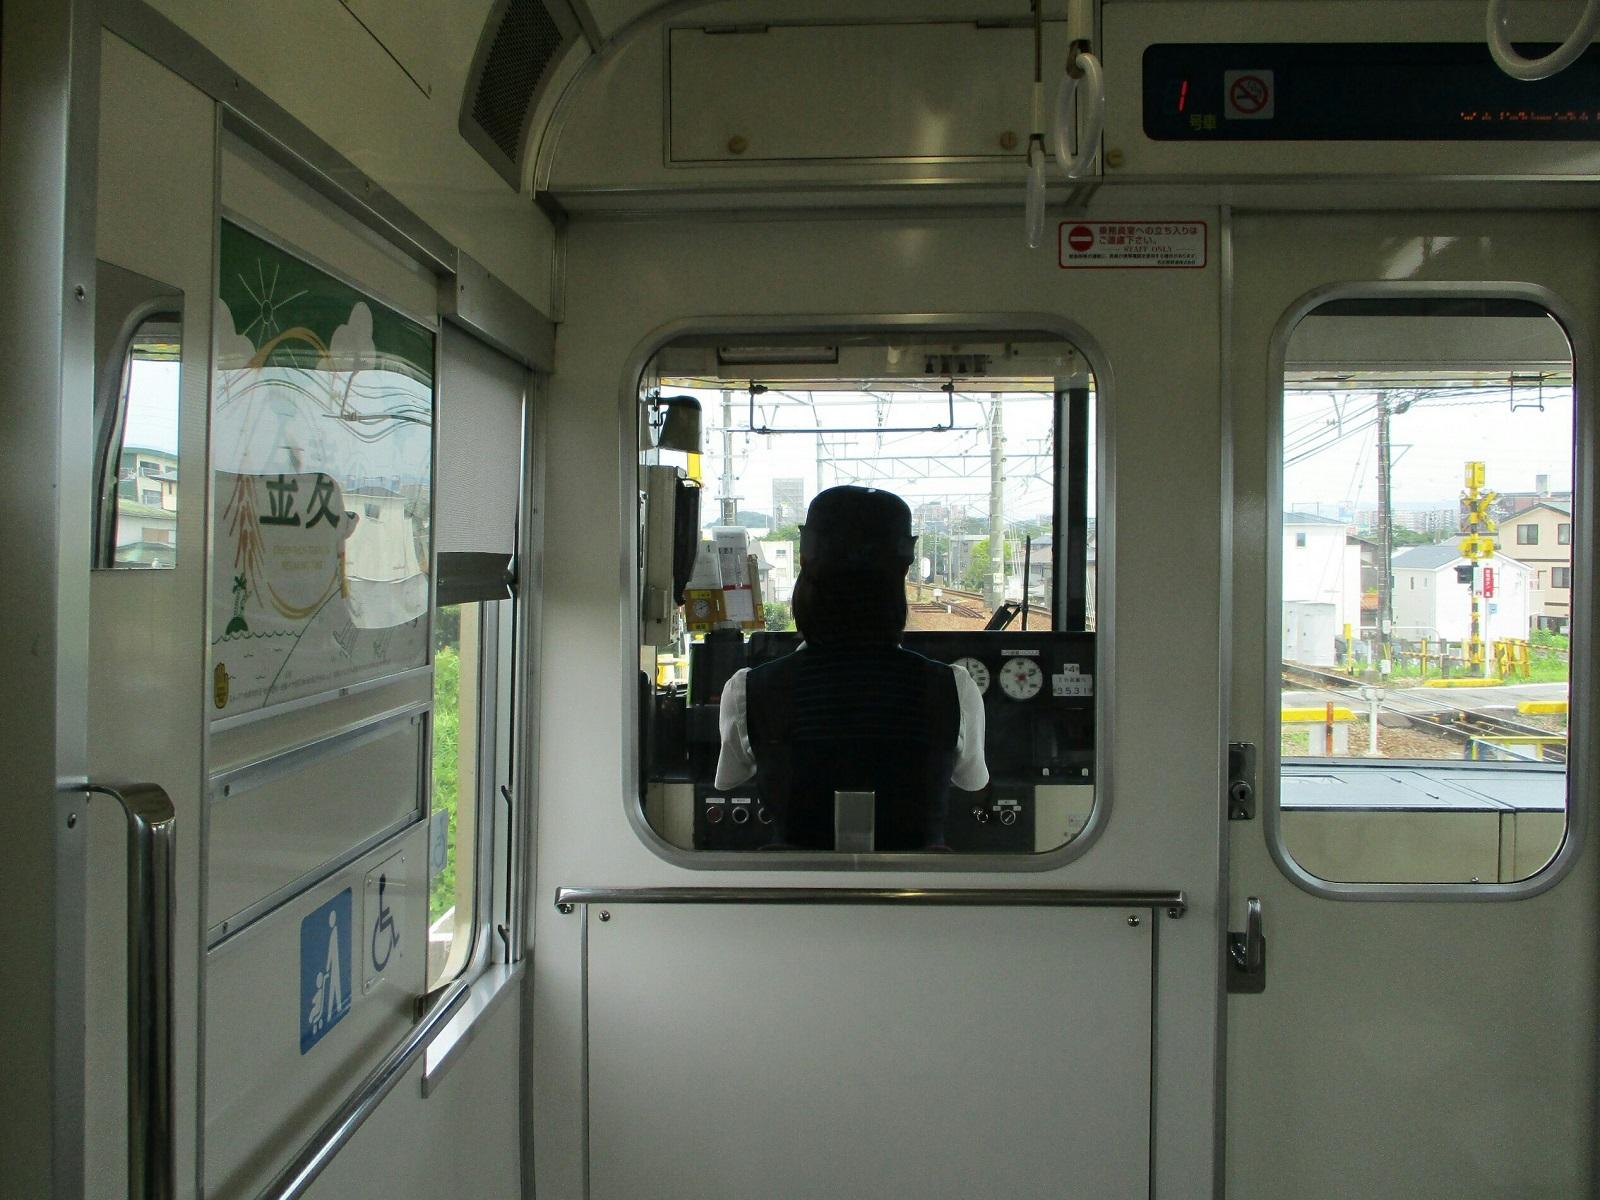 2018.7.11 (12) 東岡崎いきふつう - 矢作橋-岡崎公園前間 1600-1200